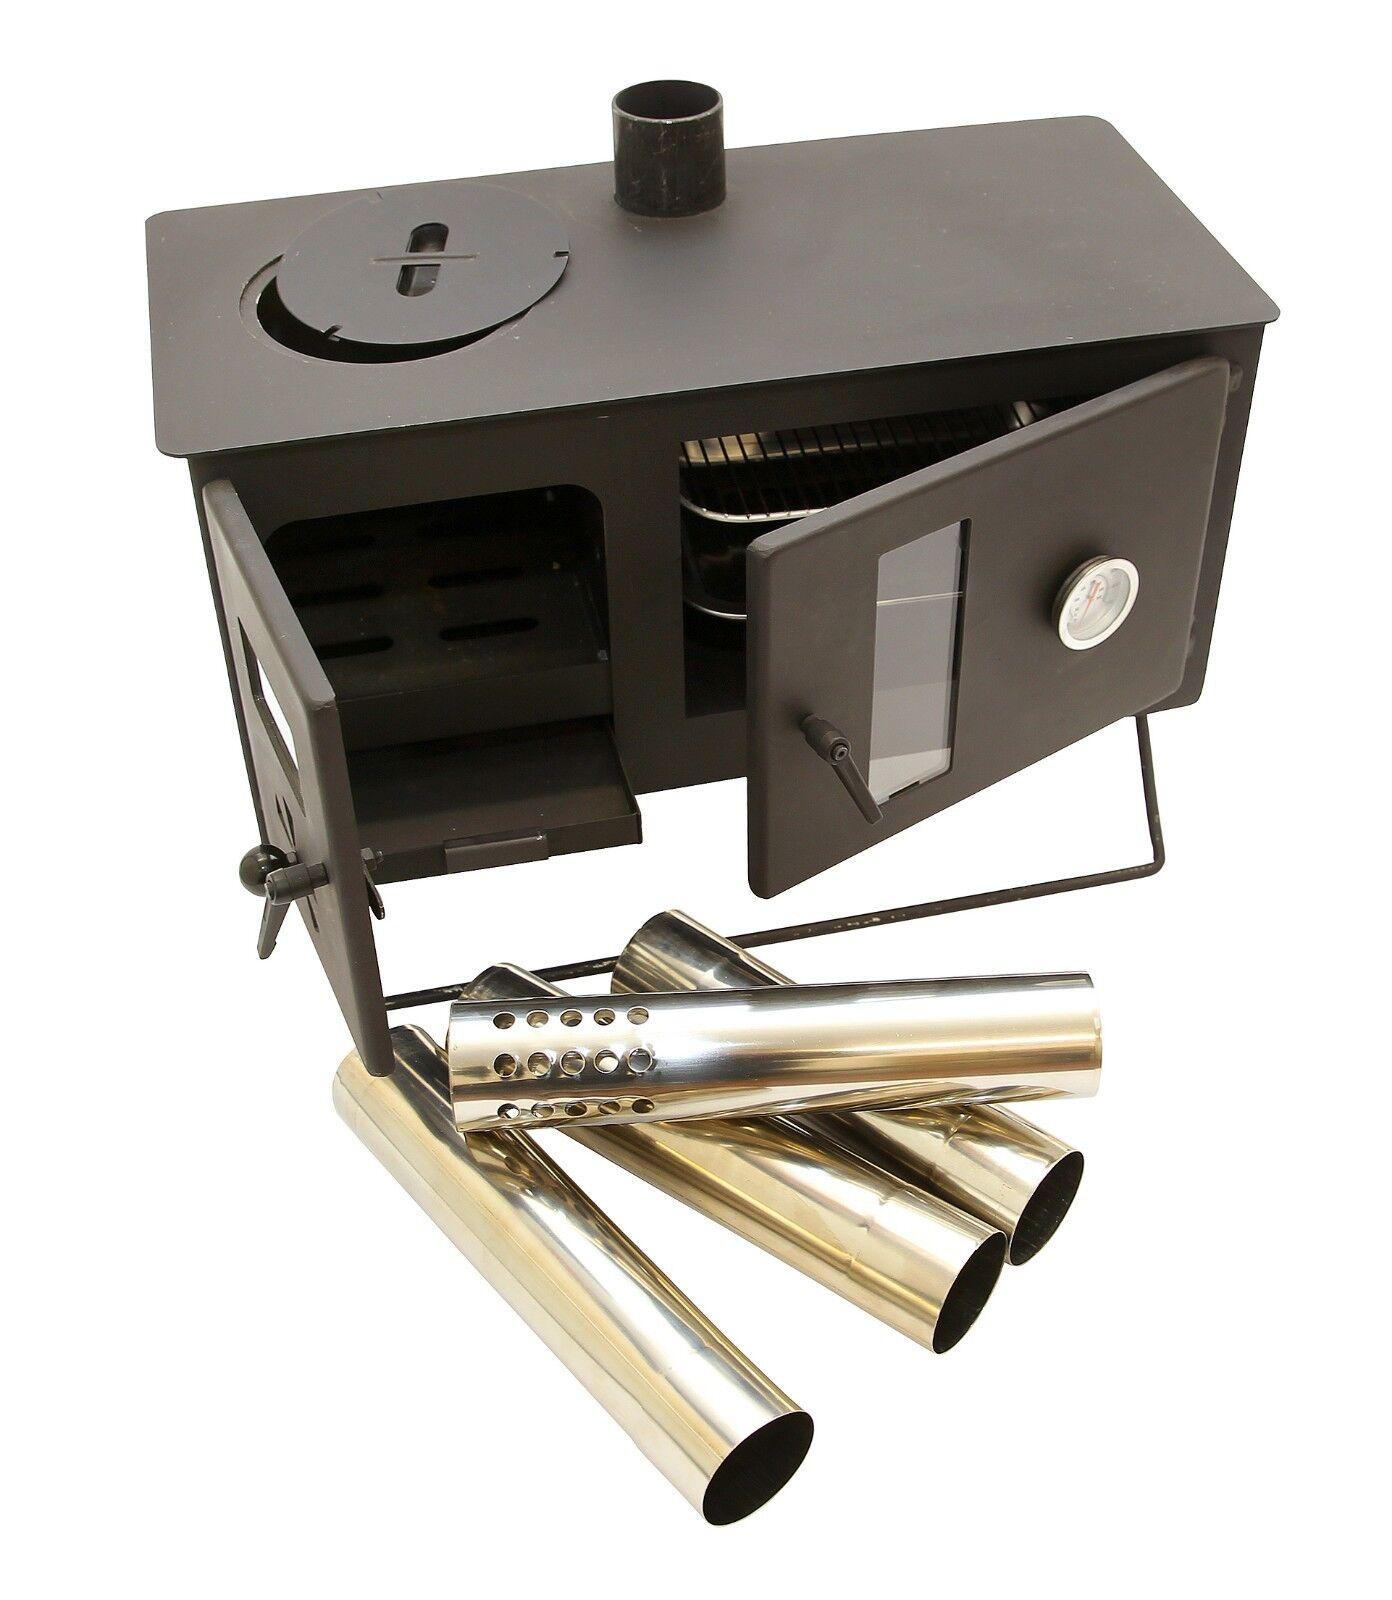 OUTBACKER ®  cámara de combustión Gama Horno Portátil Leña Estufa-Libre bolsa de transporte de la tienda  bienvenido a elegir